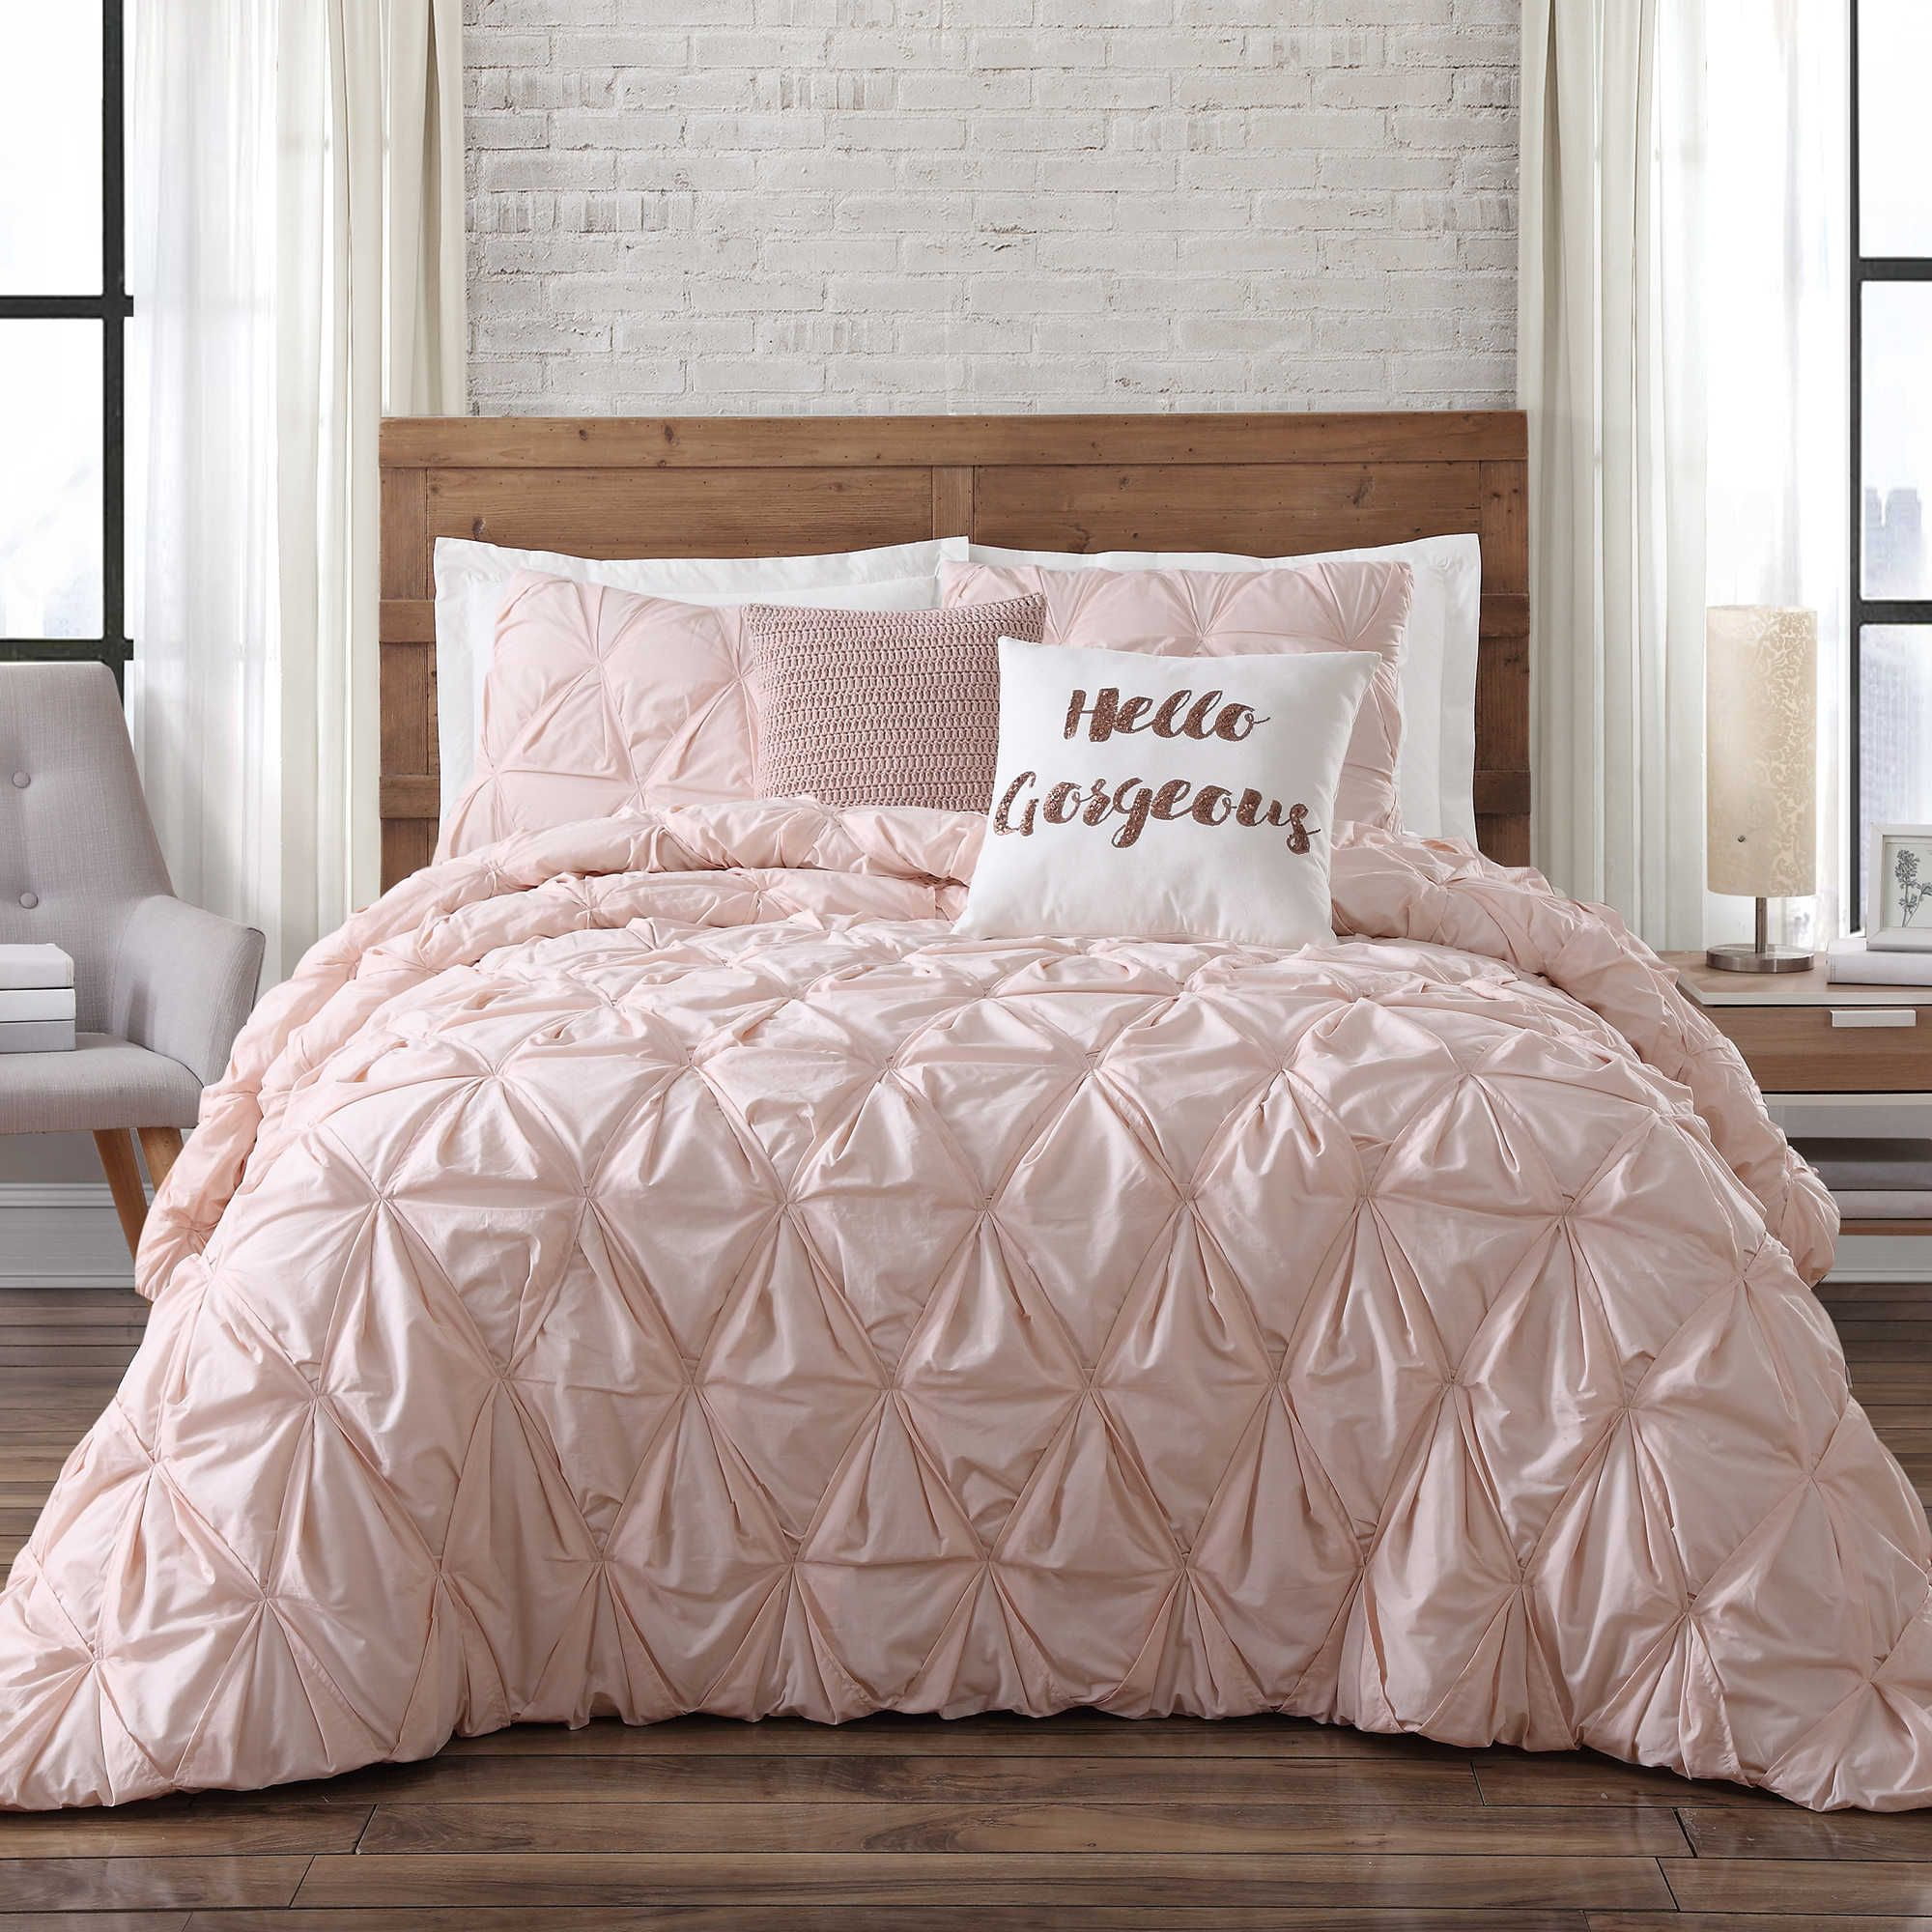 Brooklyn Loom Jackson Pleat Comforter Set Comforter Sets Pink Bedroom Decor Gold Bedding Sets